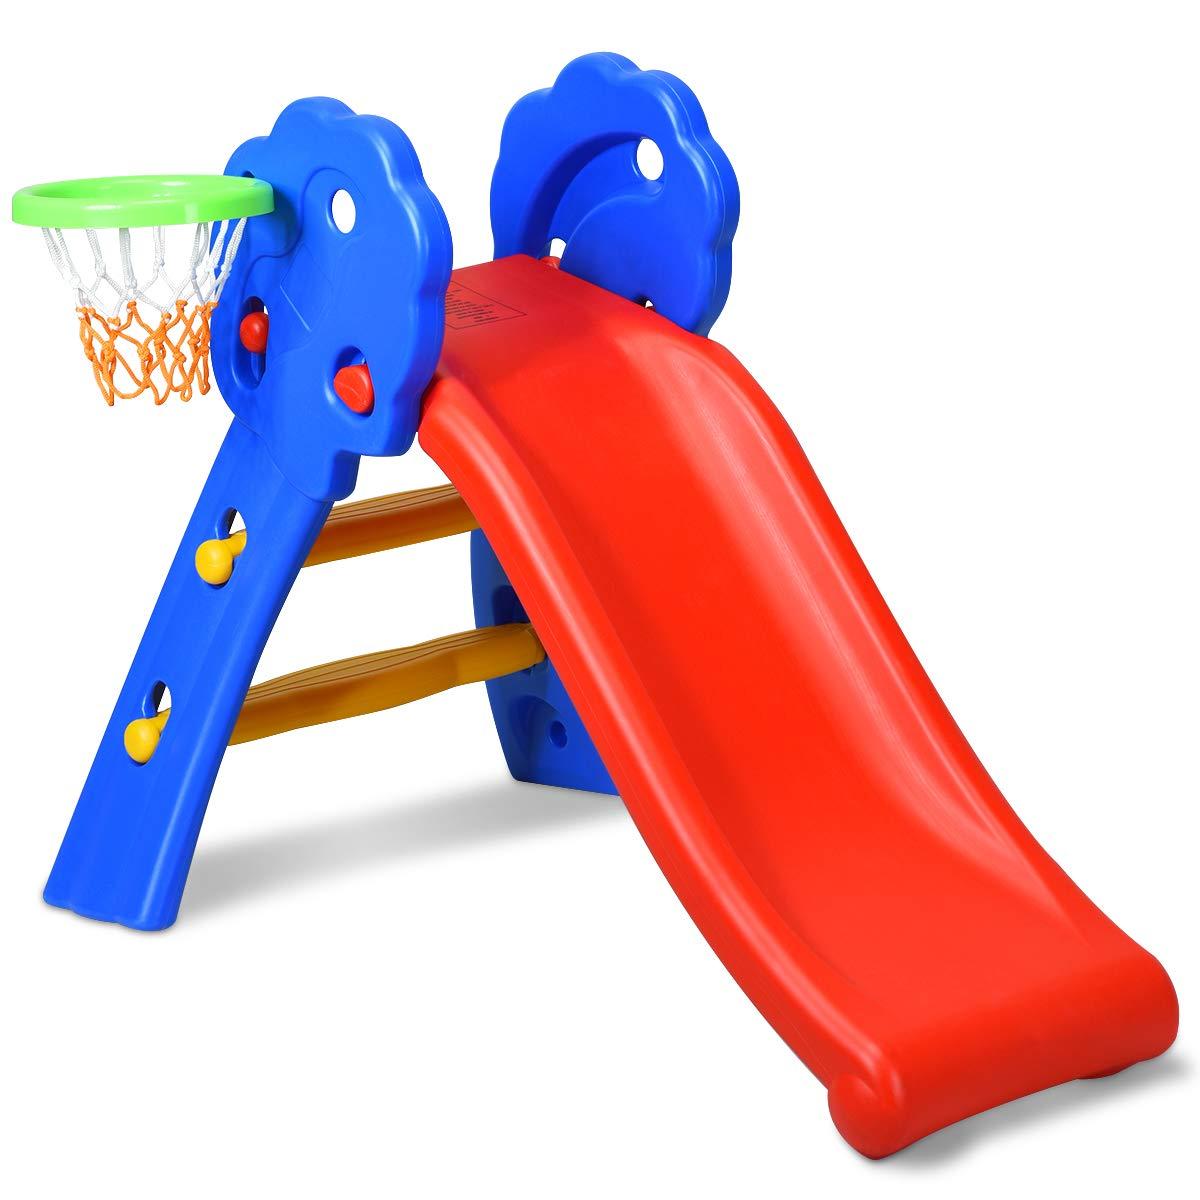 BABY JOY Folding Slide, Indoor First Slide Plastic Play Slide Climber Kids (Floral Rail +Basketball Hoop)